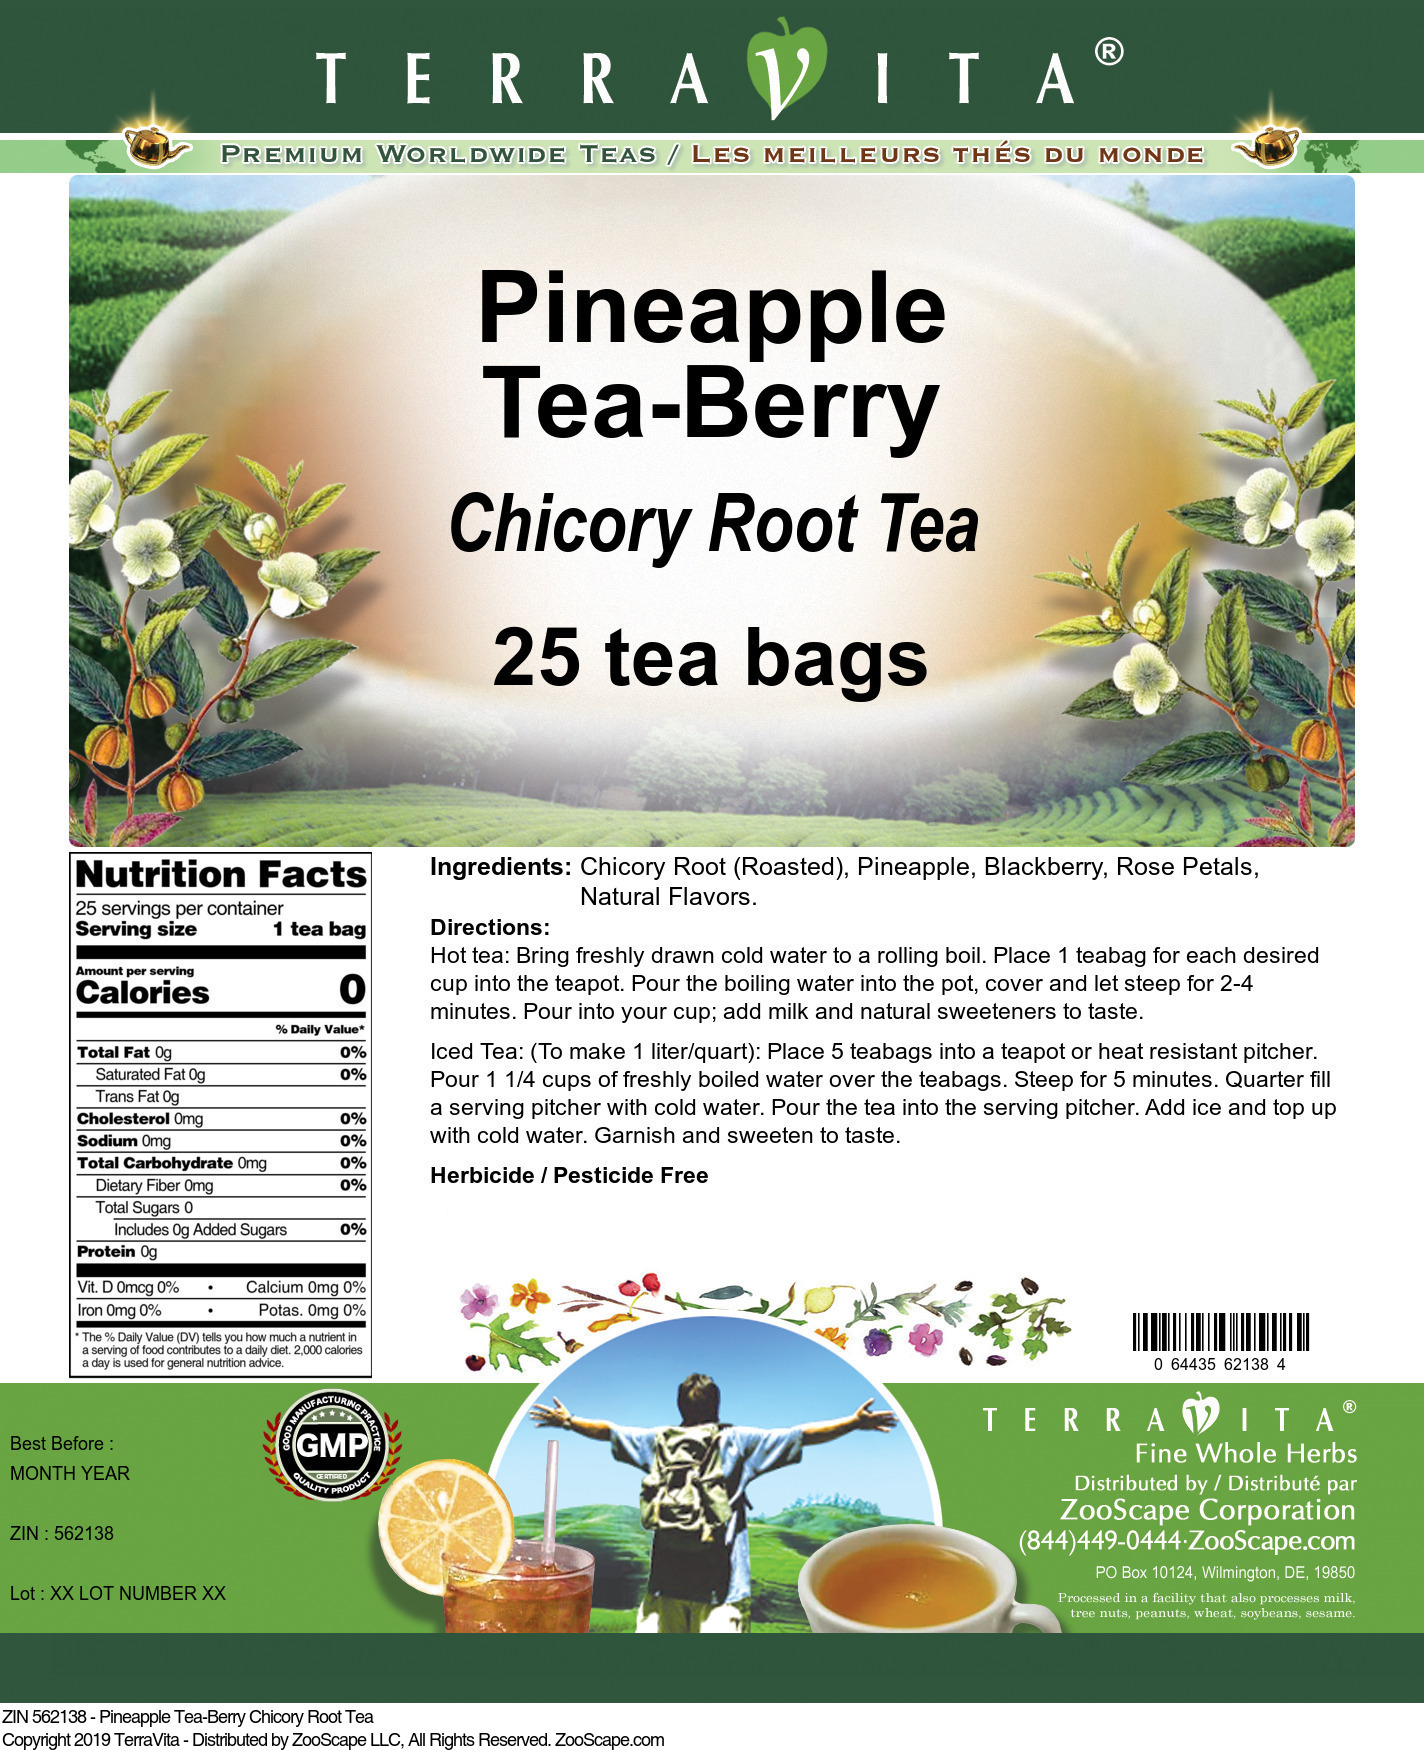 Pineapple Tea-Berry Chicory Root Tea